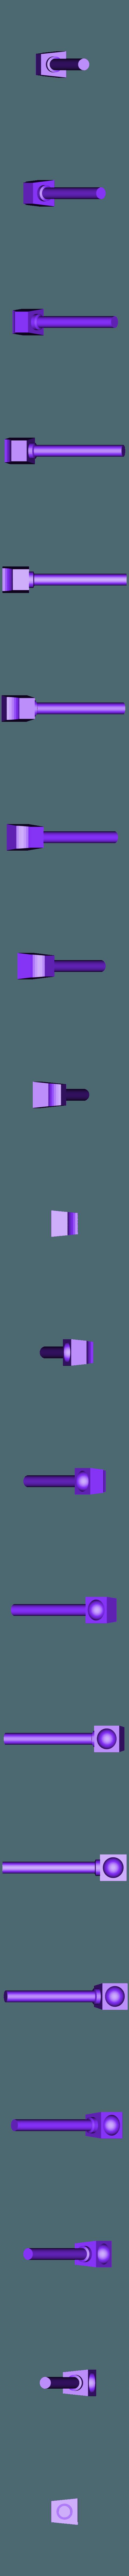 PistonRodLong.stl Télécharger fichier STL gratuit Pistons ajustables pour les types de soldats interstellaires chez les chiens de guerre géants • Objet imprimable en 3D, FelixTheCrazy